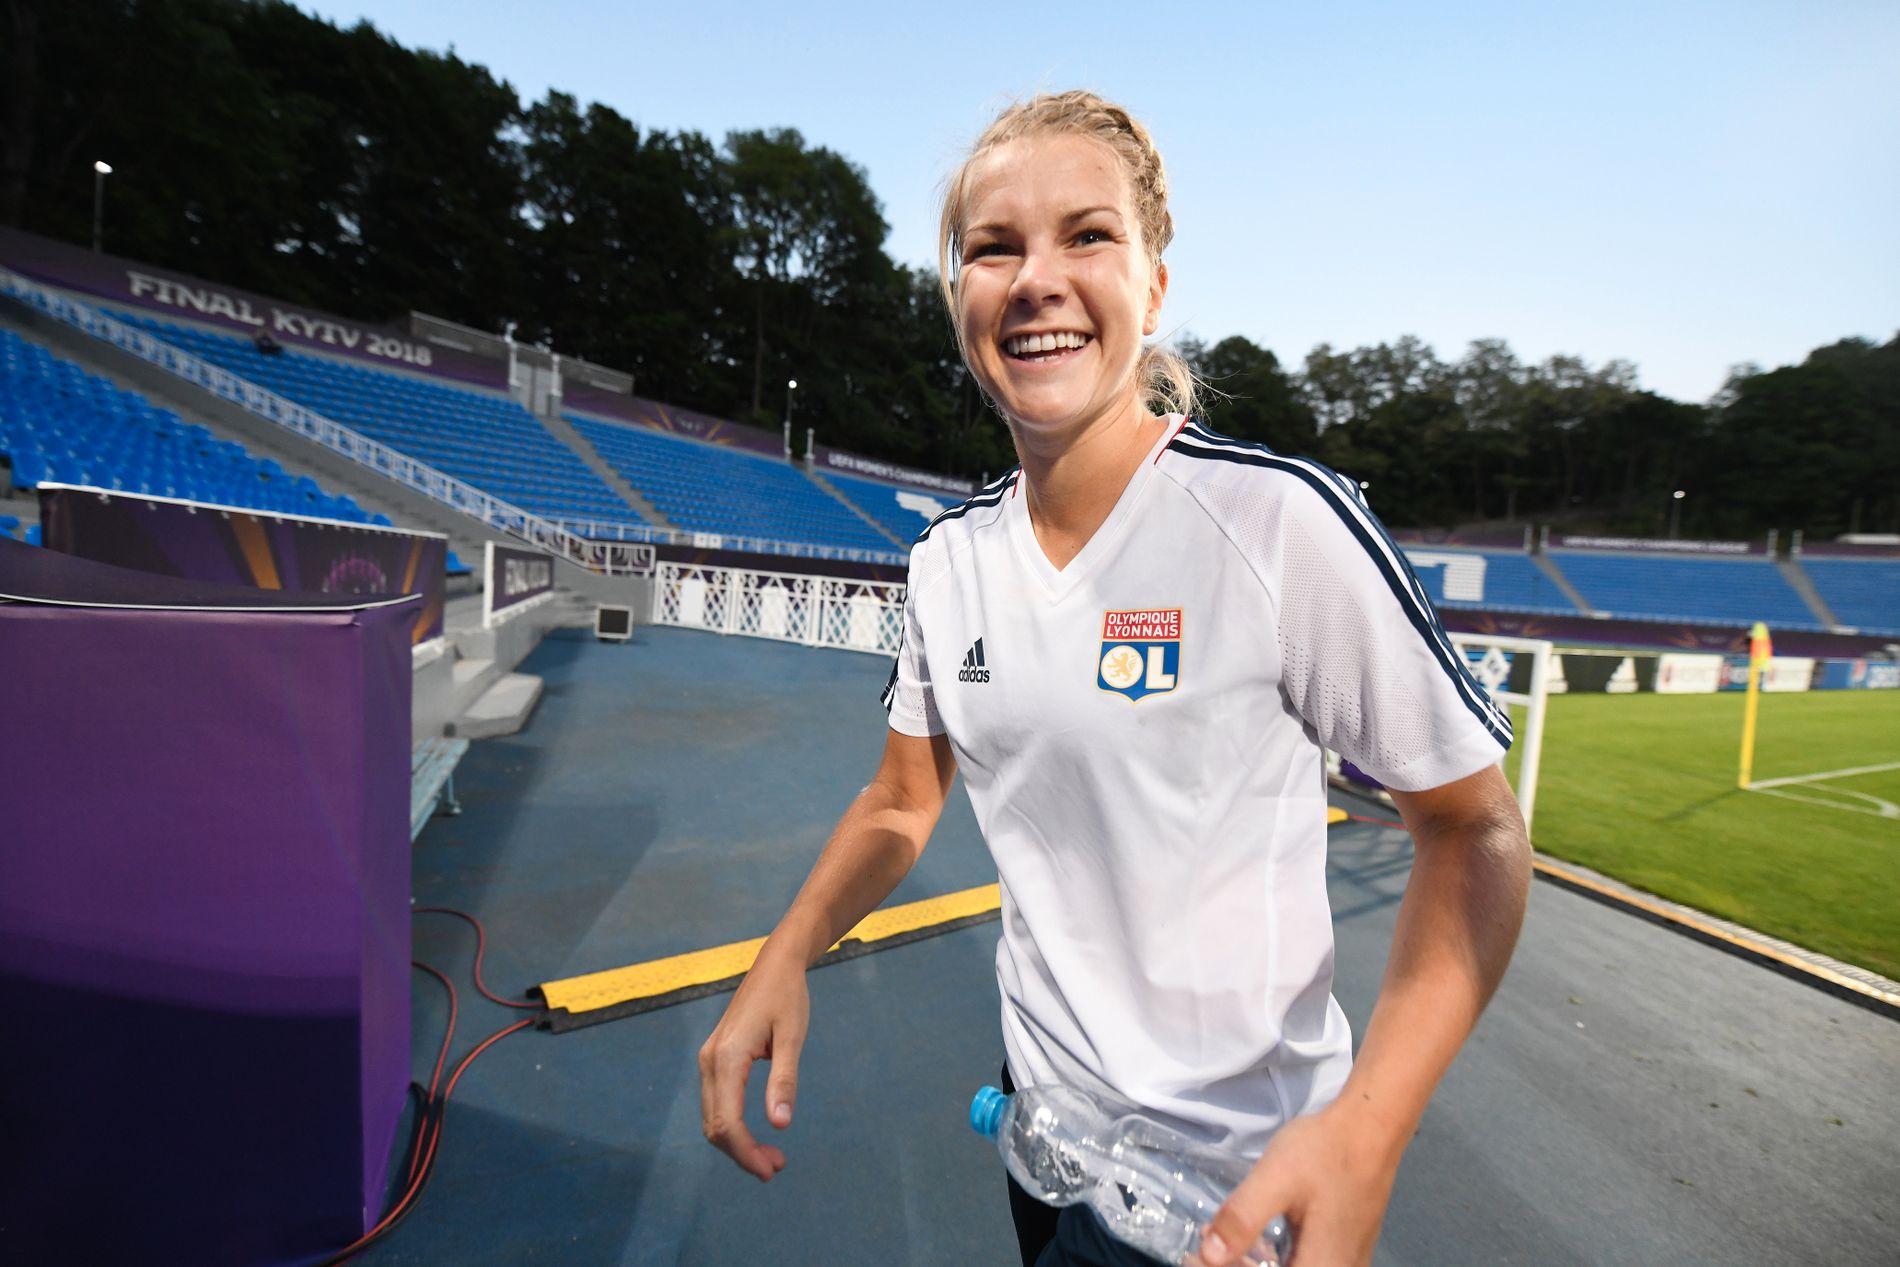 KAN VINNE: Ada Hegerberg ble i 2016 kåret til årets spiller av UEFA. I 2018 kan hun få den samme prisen av FIFA.